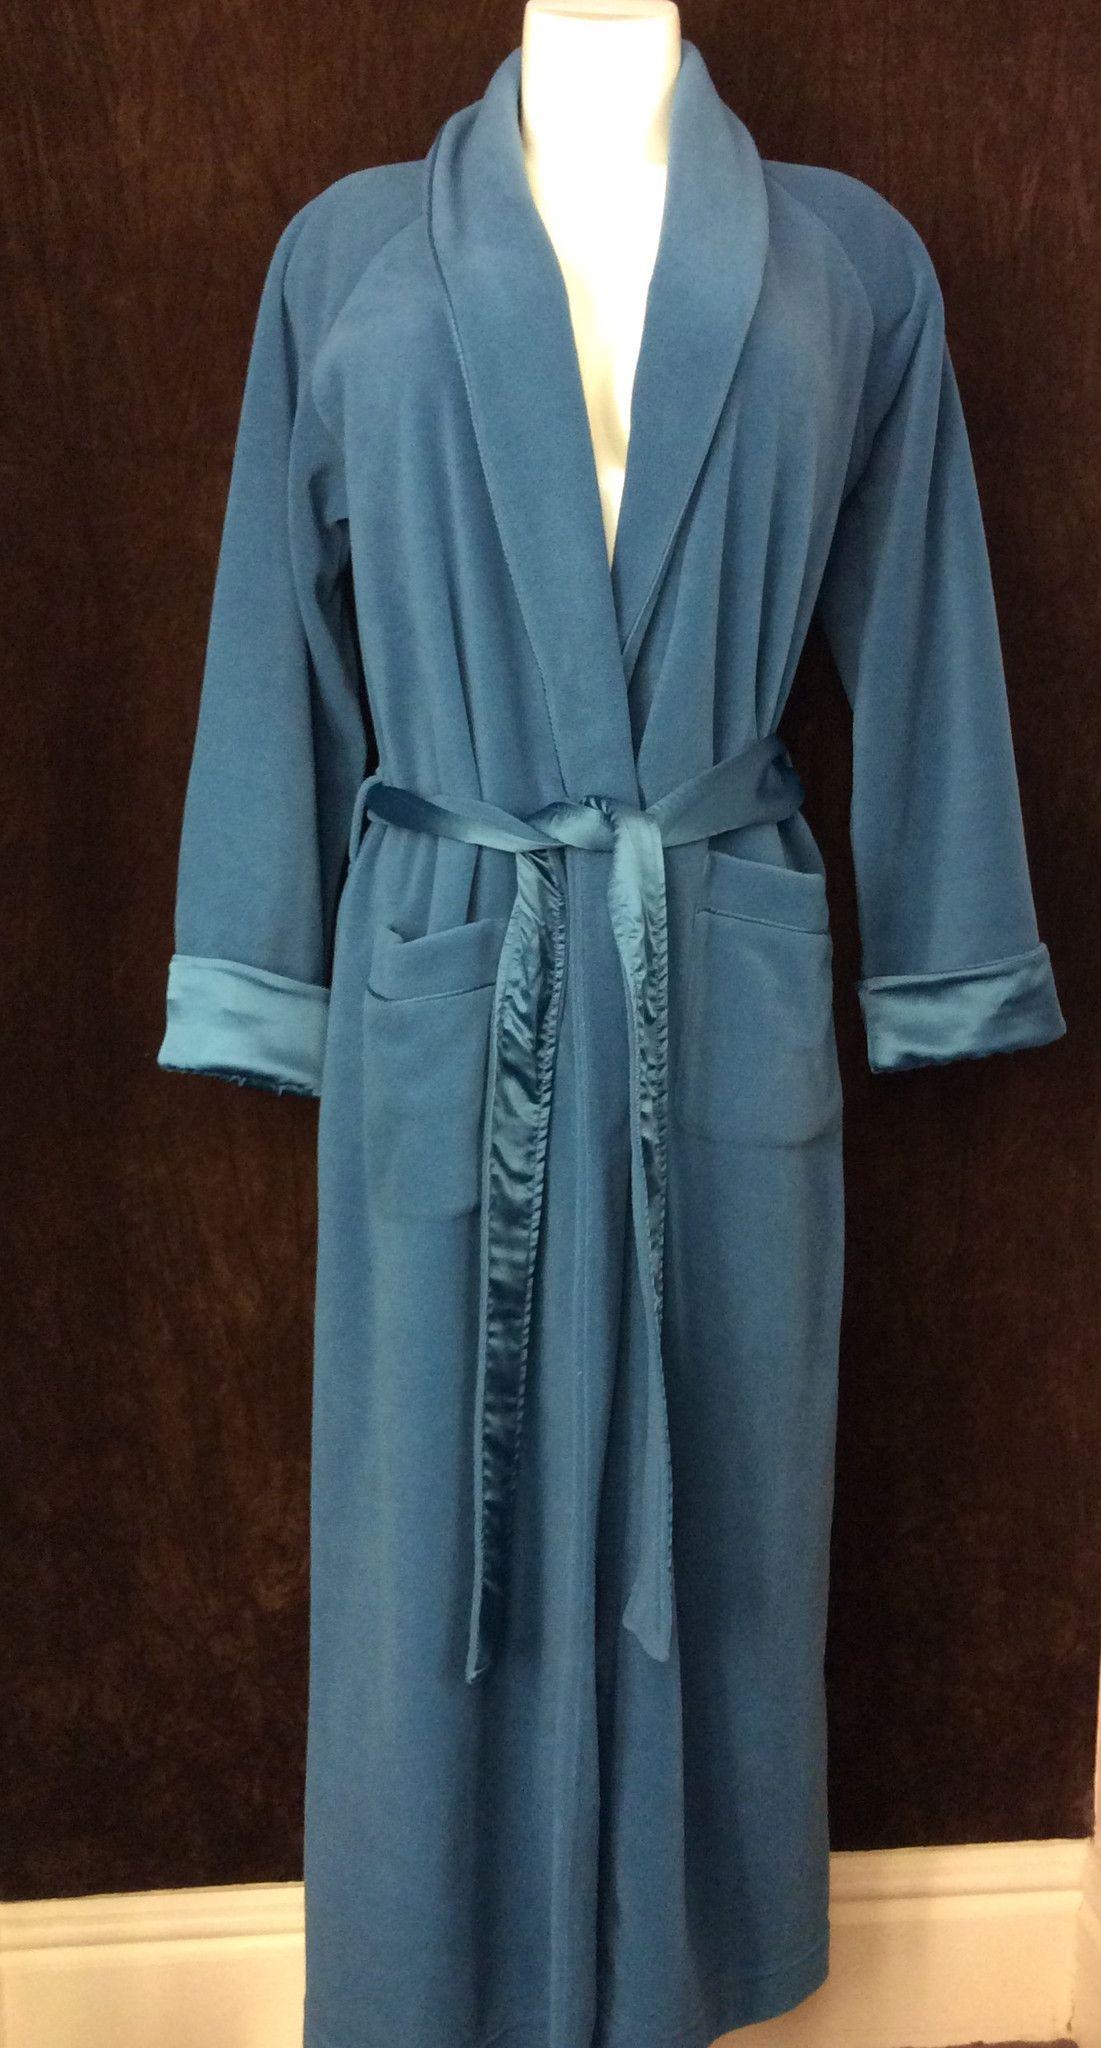 Laurence Tavernier Peignoir Classique Dressing Gown | SALE in our ...